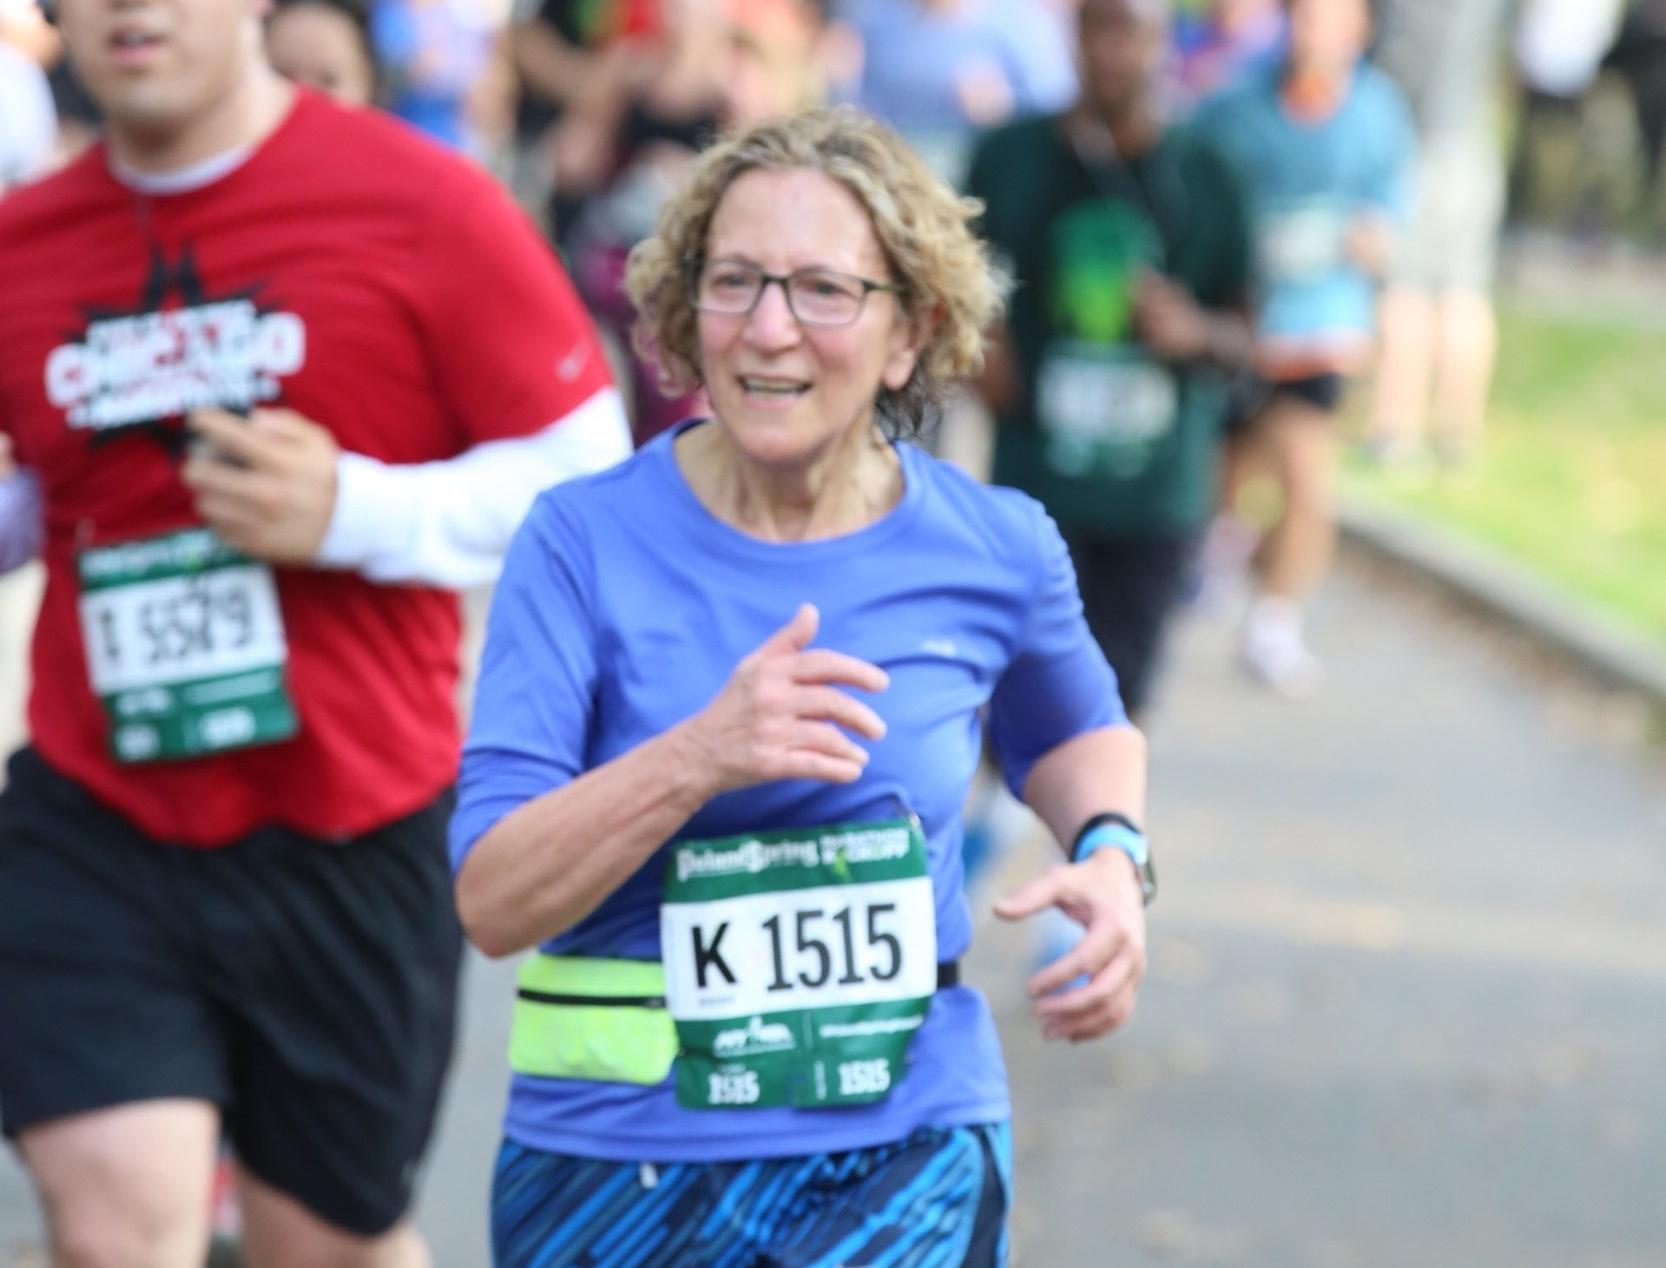 Millrose Running club member Mary Spera